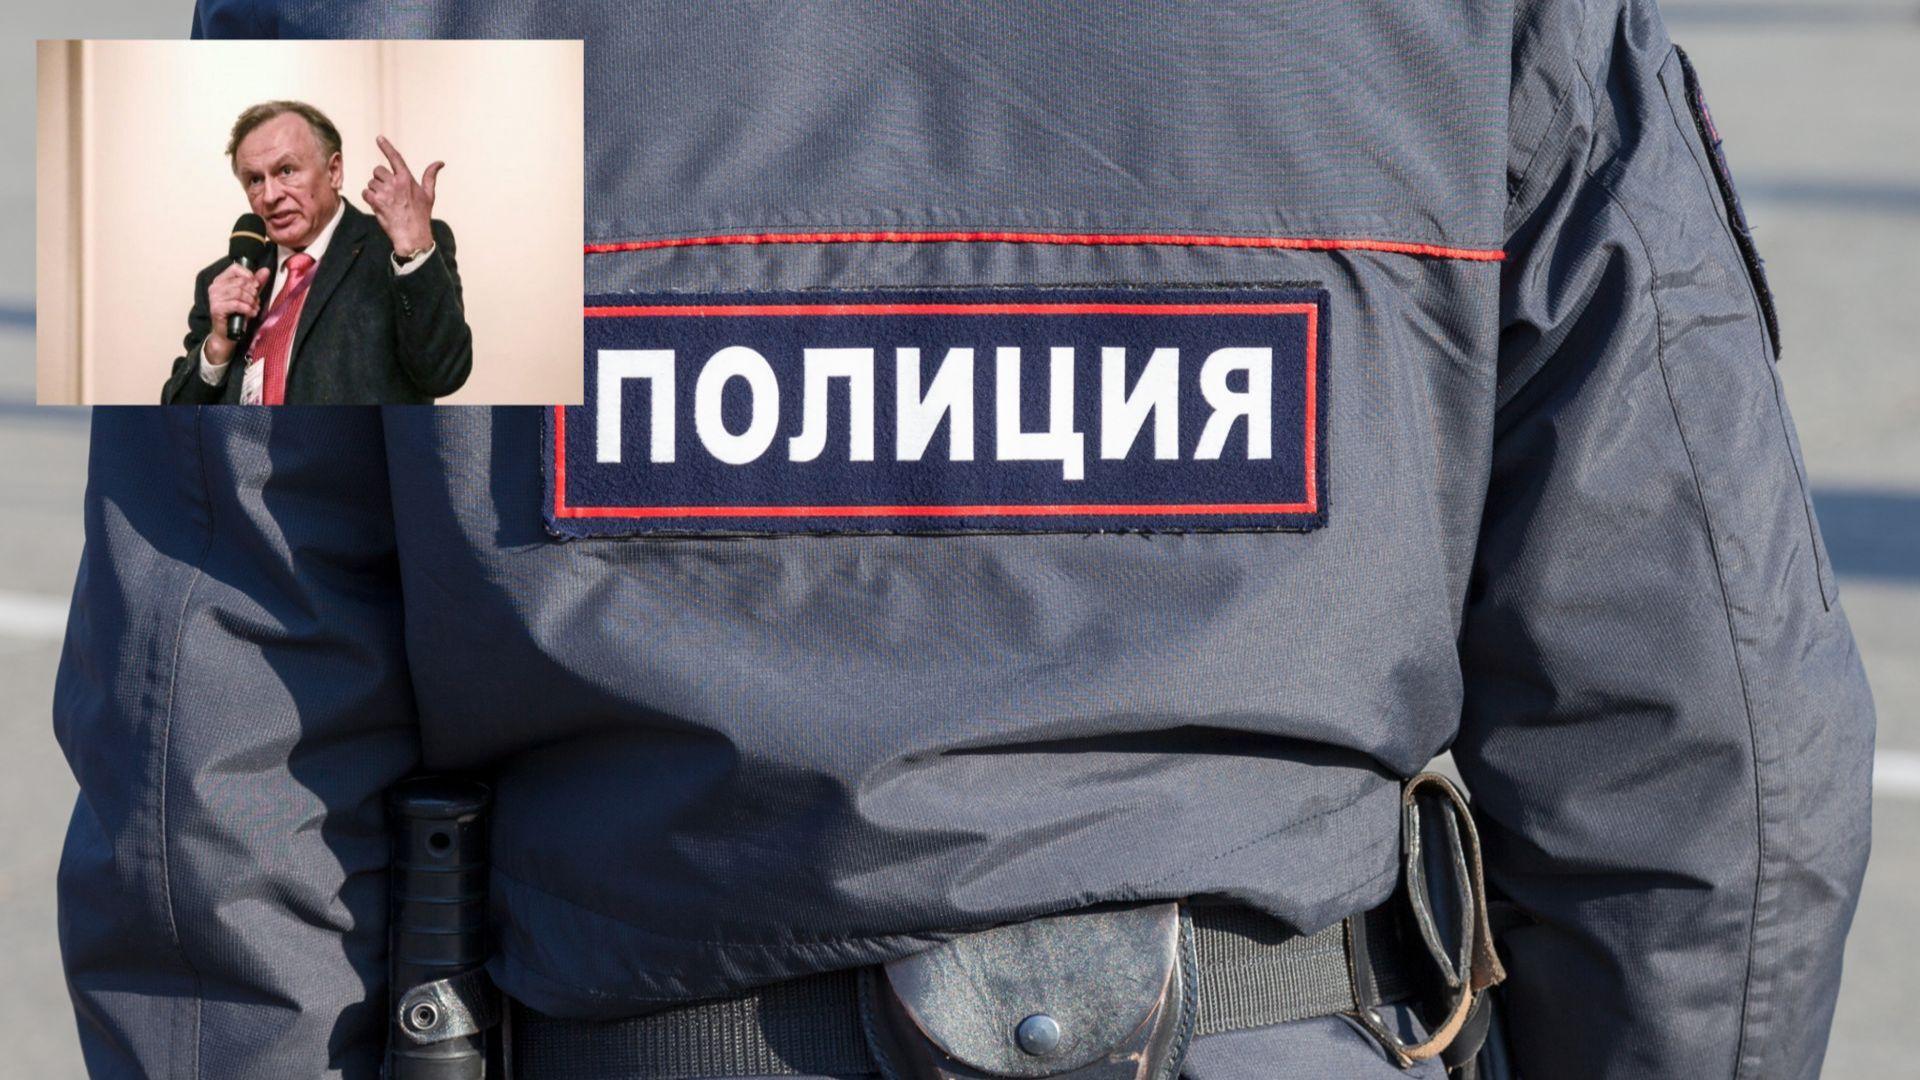 Арестуваха известен руски историк за убийство, опитал да хвърли женски ръце в река